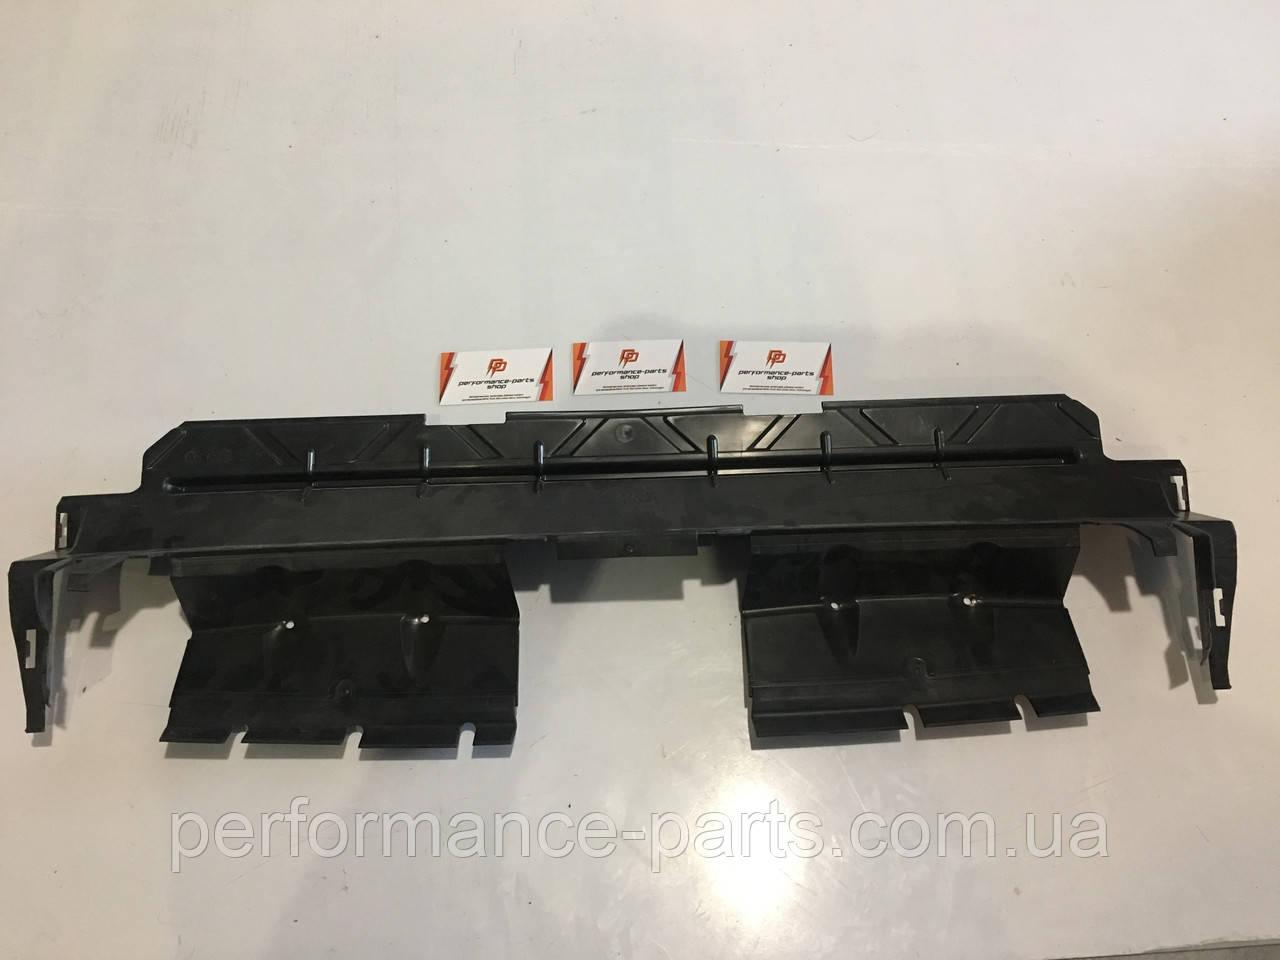 Воздуховод радиаторов Audi Q7 4M 4M0121285J